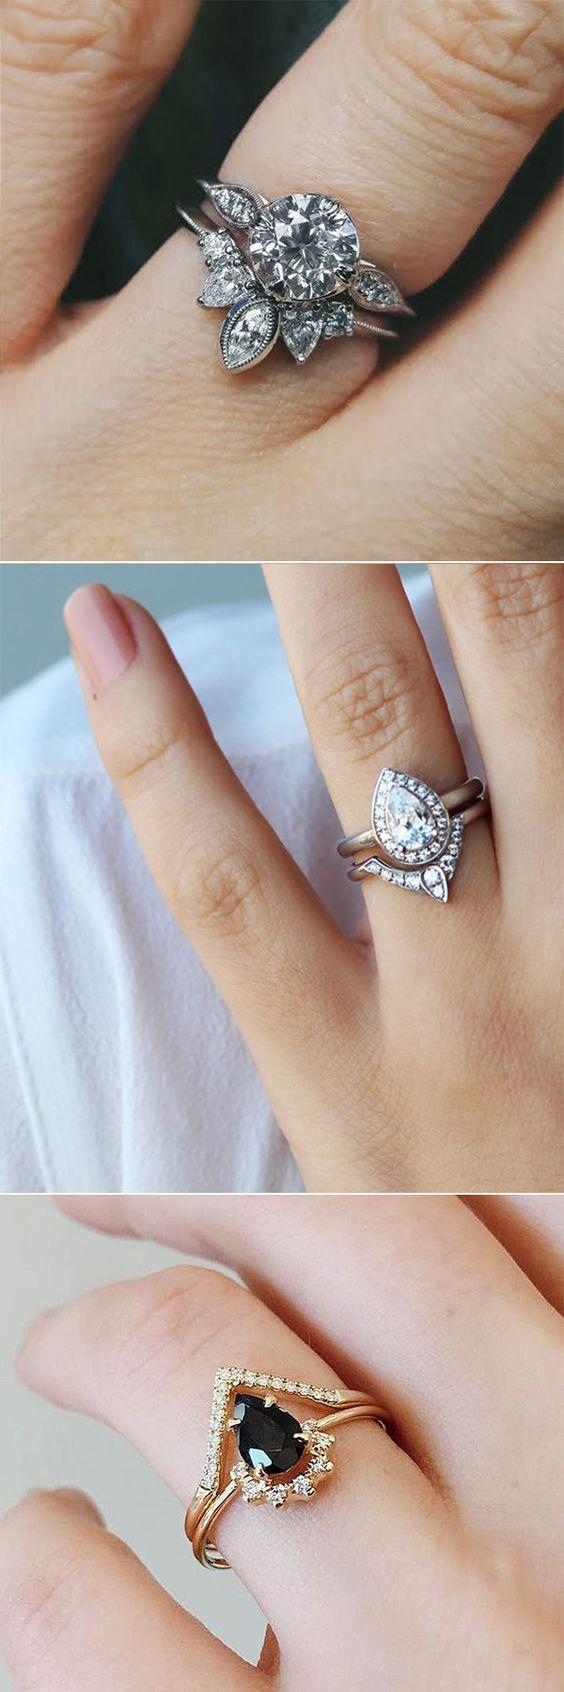 trang sức cho ngày cưới, trang suc cho ngay cuoi